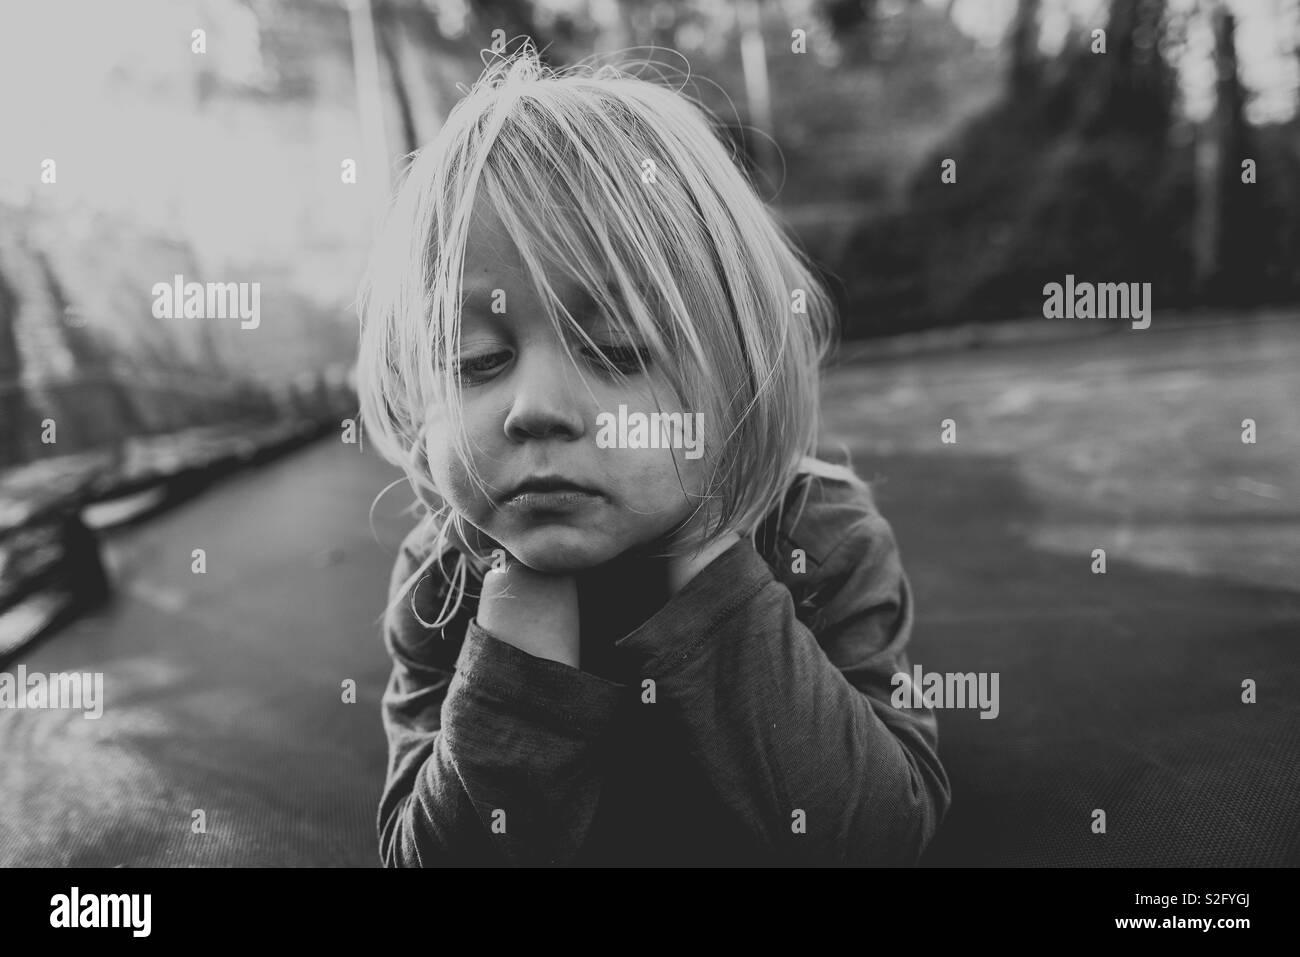 Harto y aburrido niño Imagen De Stock